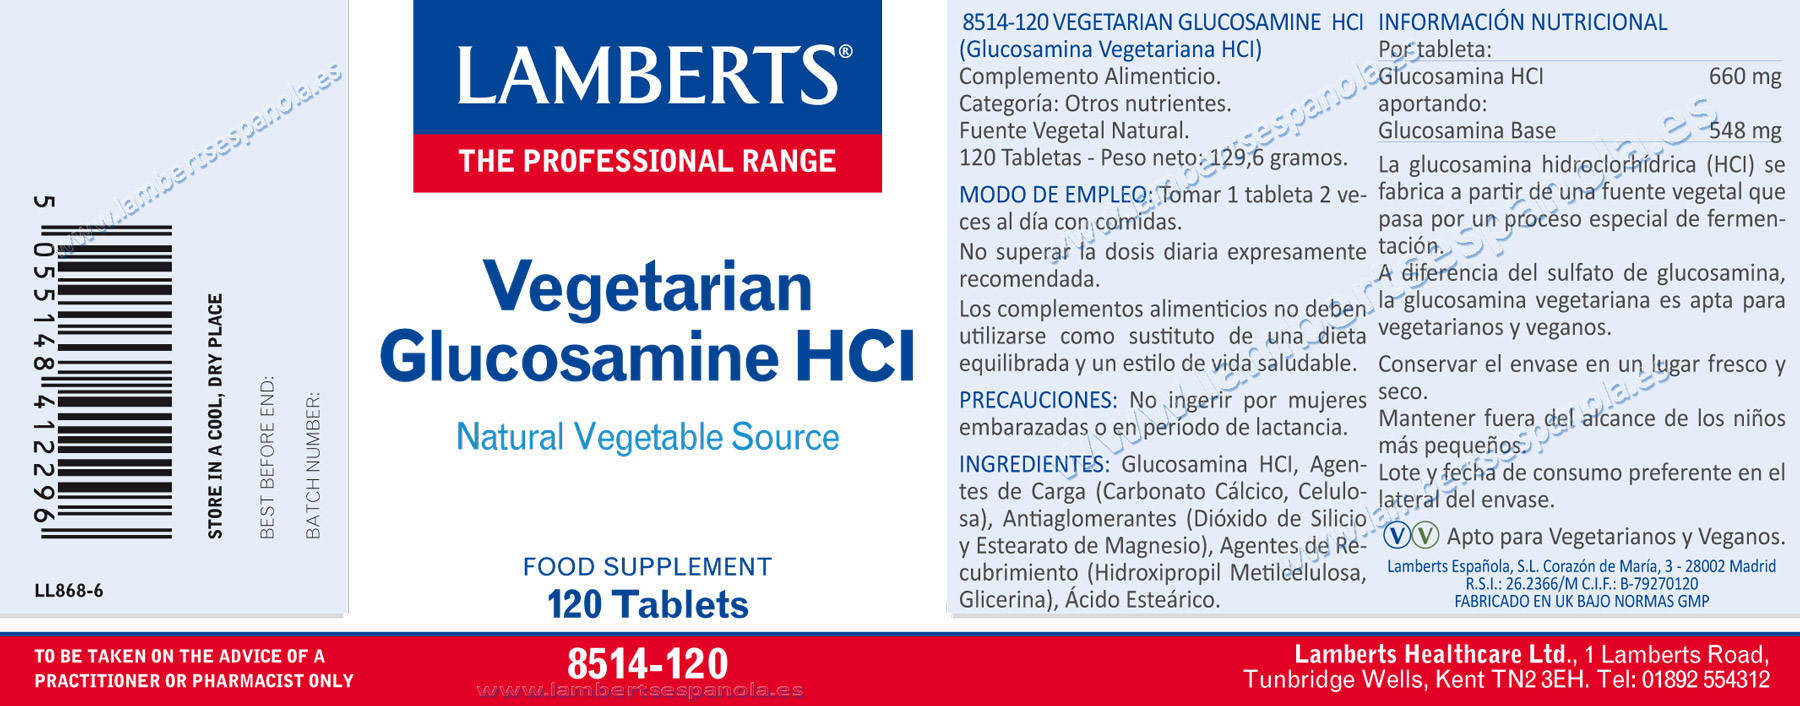 Glucosamina vegetariana